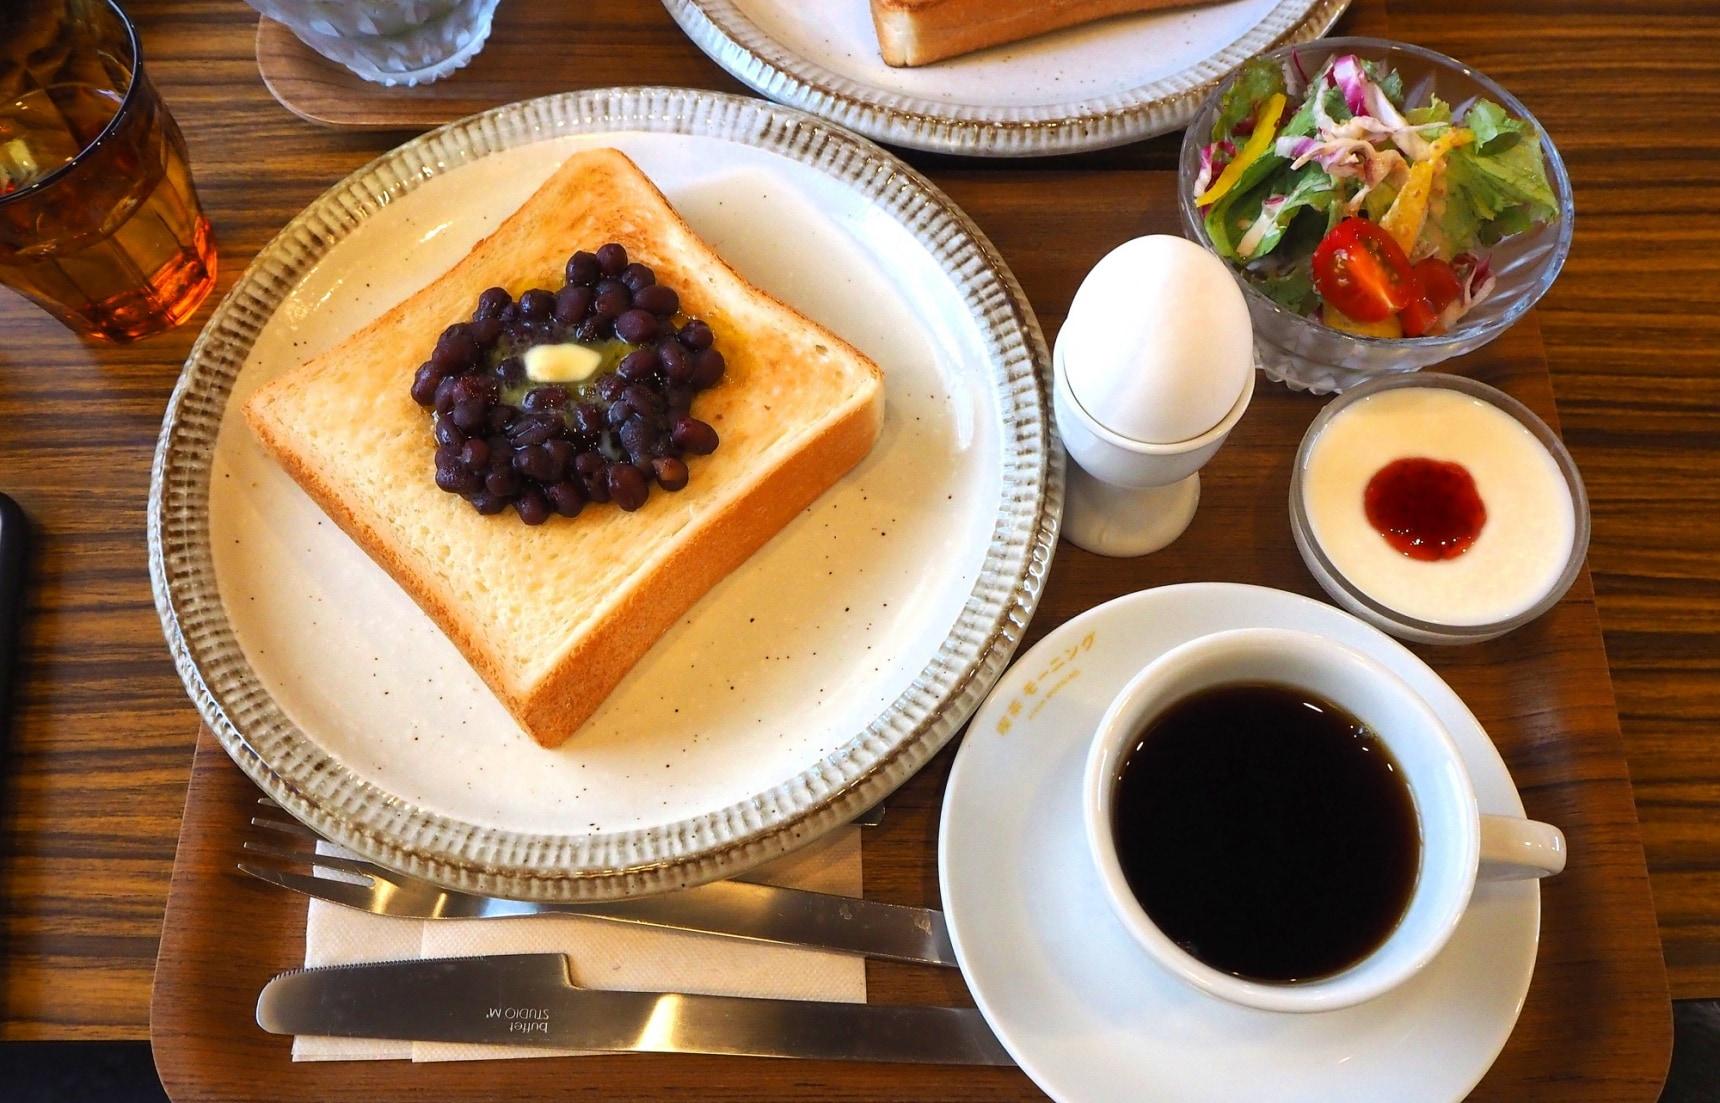 【愛知美食】點咖啡送早餐!超划算名古屋咖啡廳早餐5選